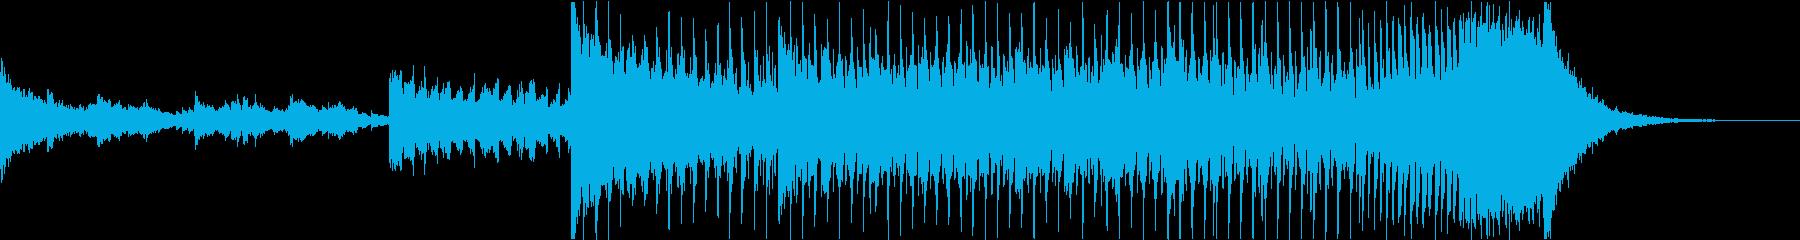 アコギ ギター EDM 爽快感 明るいの再生済みの波形